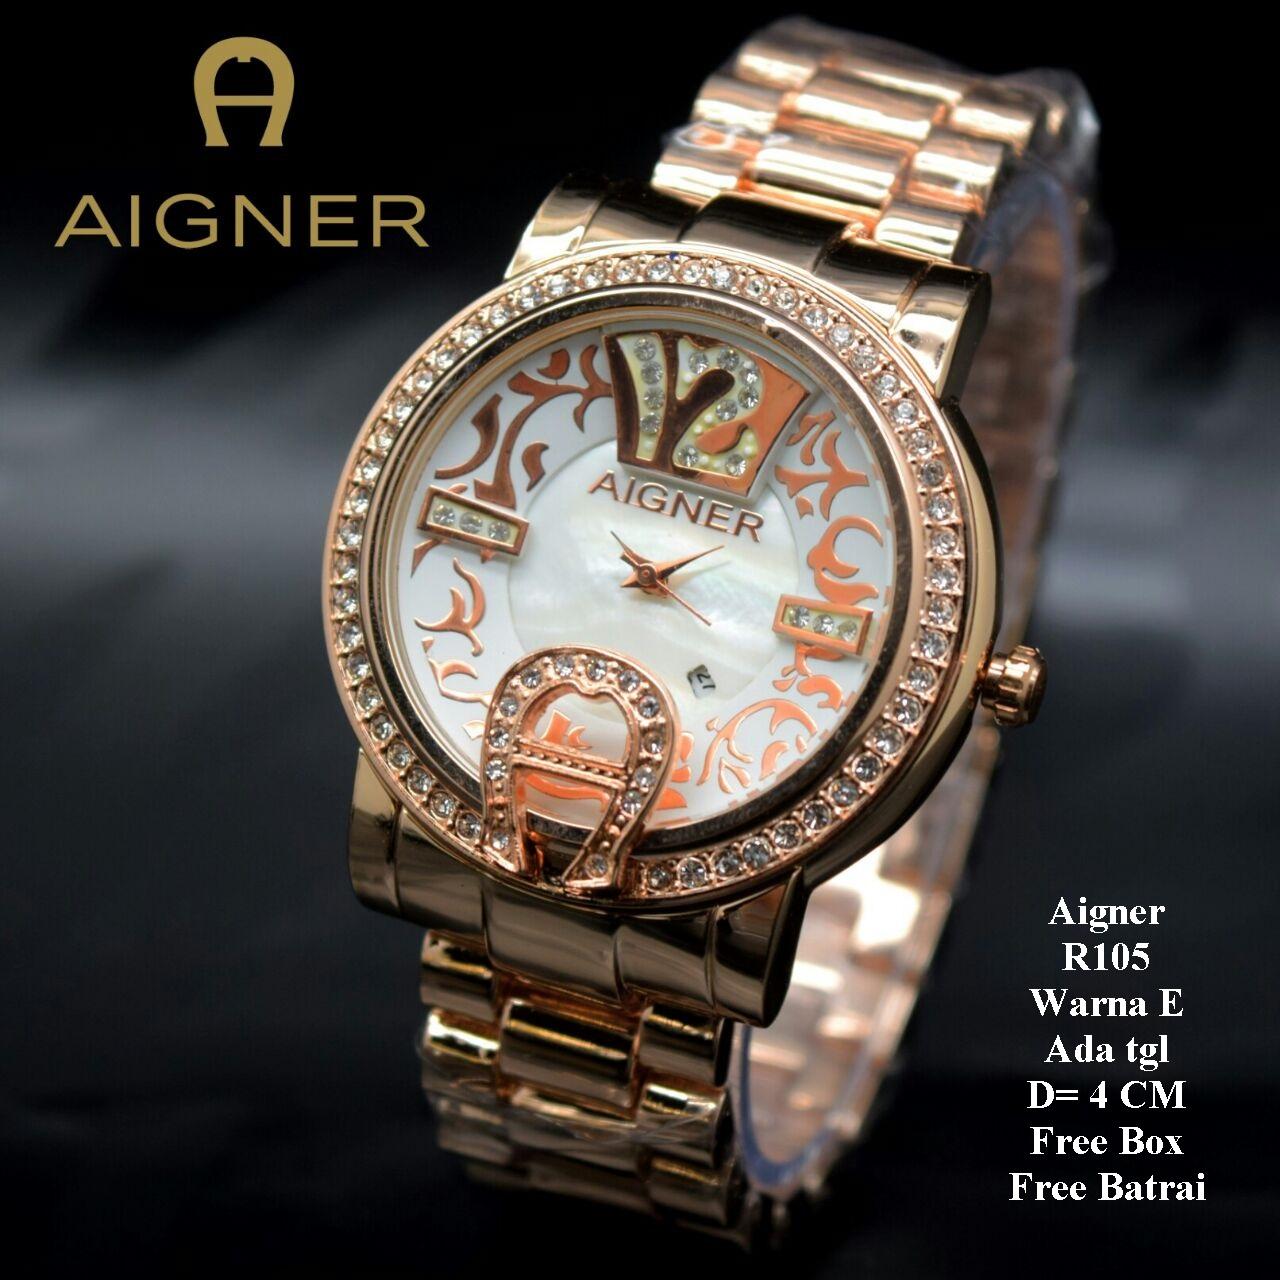 Harga Jual Jam Tangan Wanita Aigner Premium 142500 Limited A16253 Siena Biru Rosegold Cewek Murah Batik Rose Gold Color Box